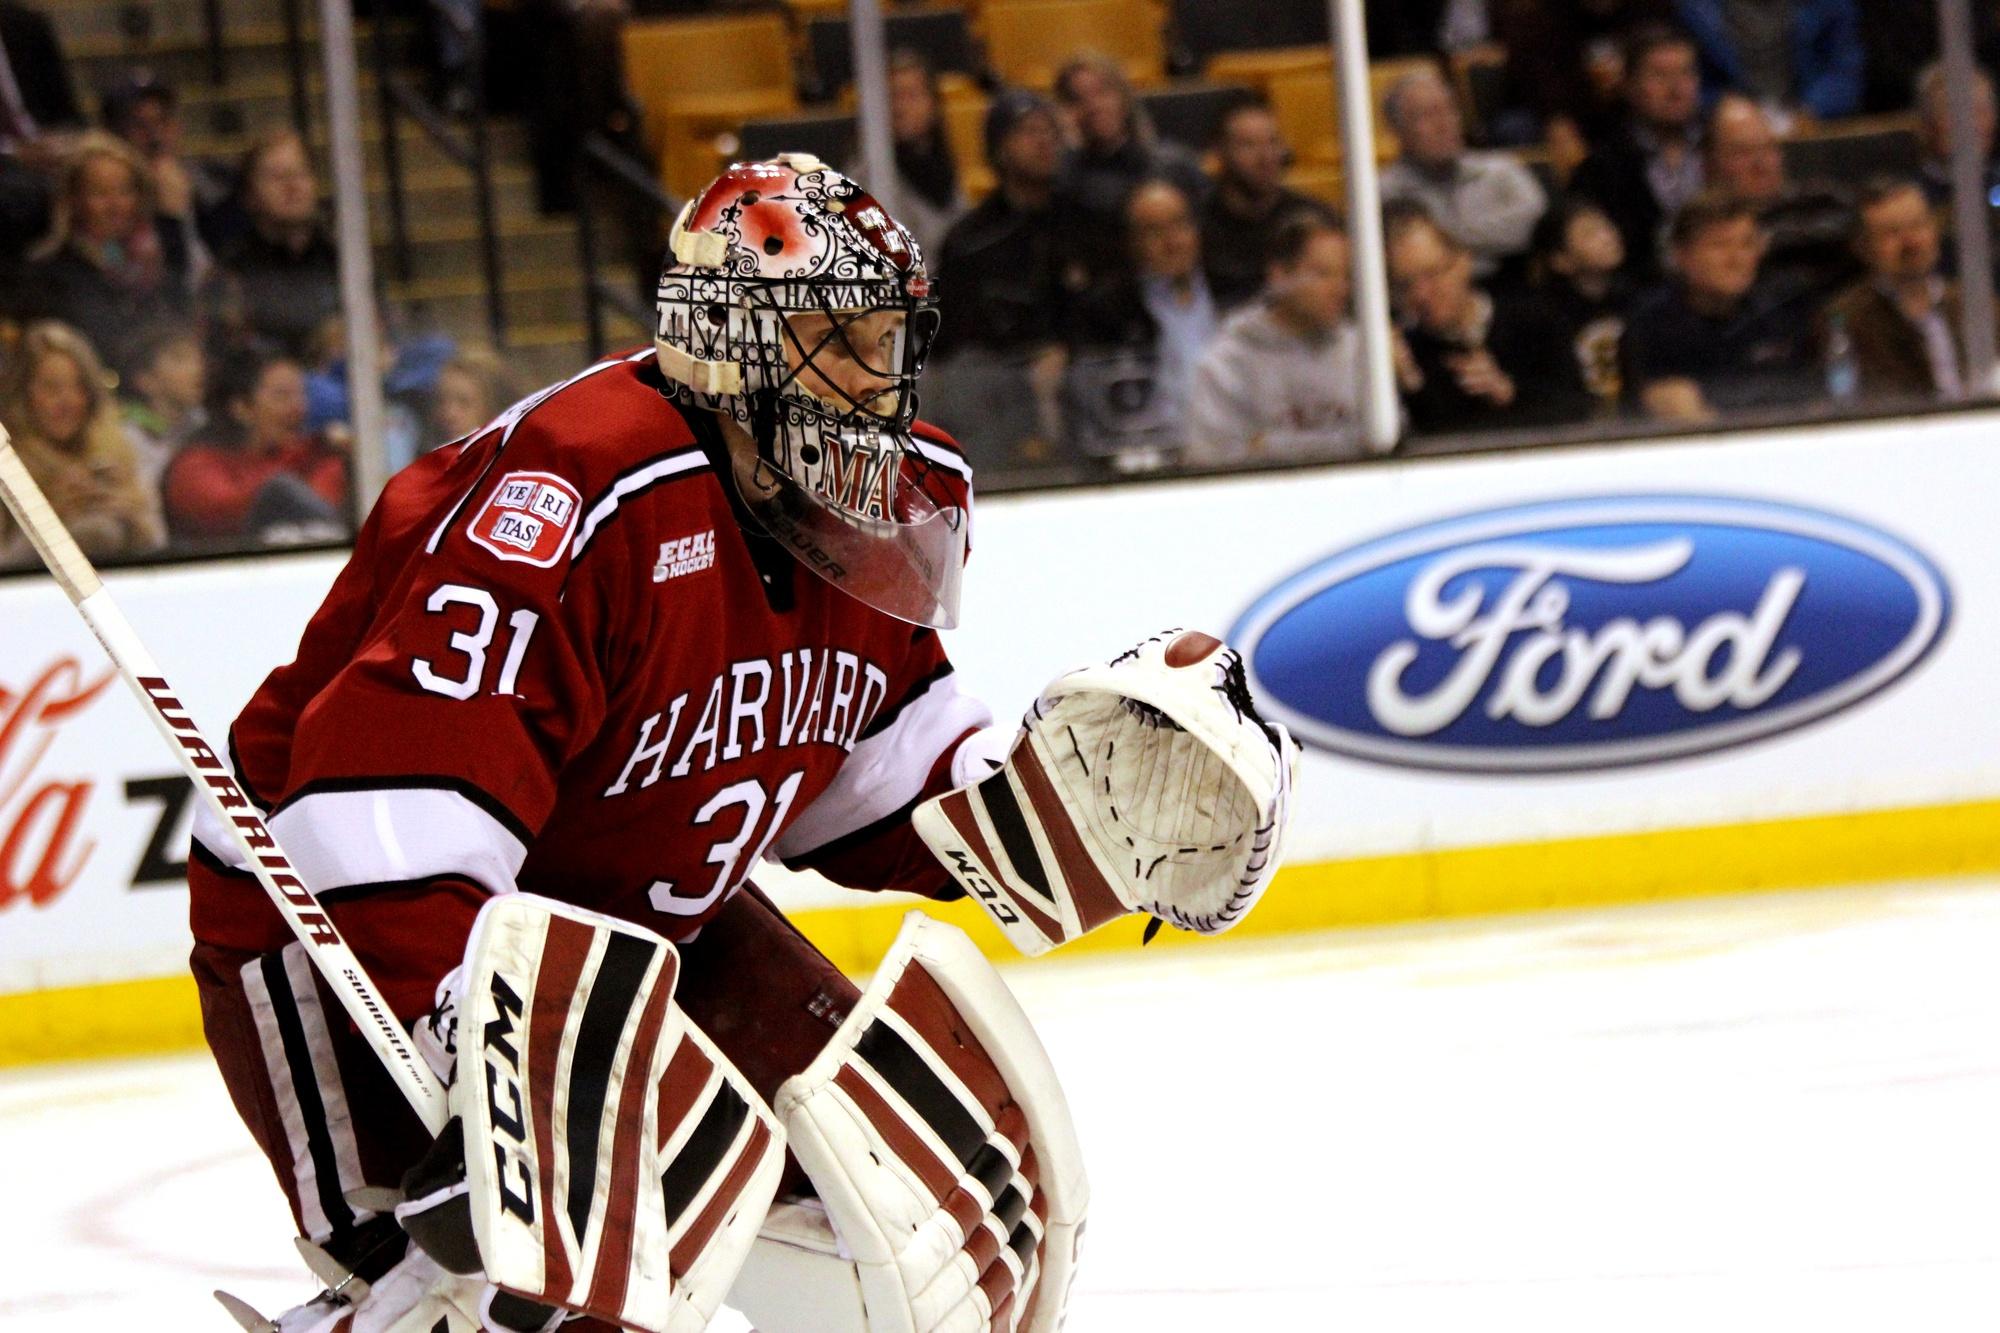 Sophomore goaltender Merrick Madsen earned the start in Harvard's final 11 games of the 2015-2016 season.